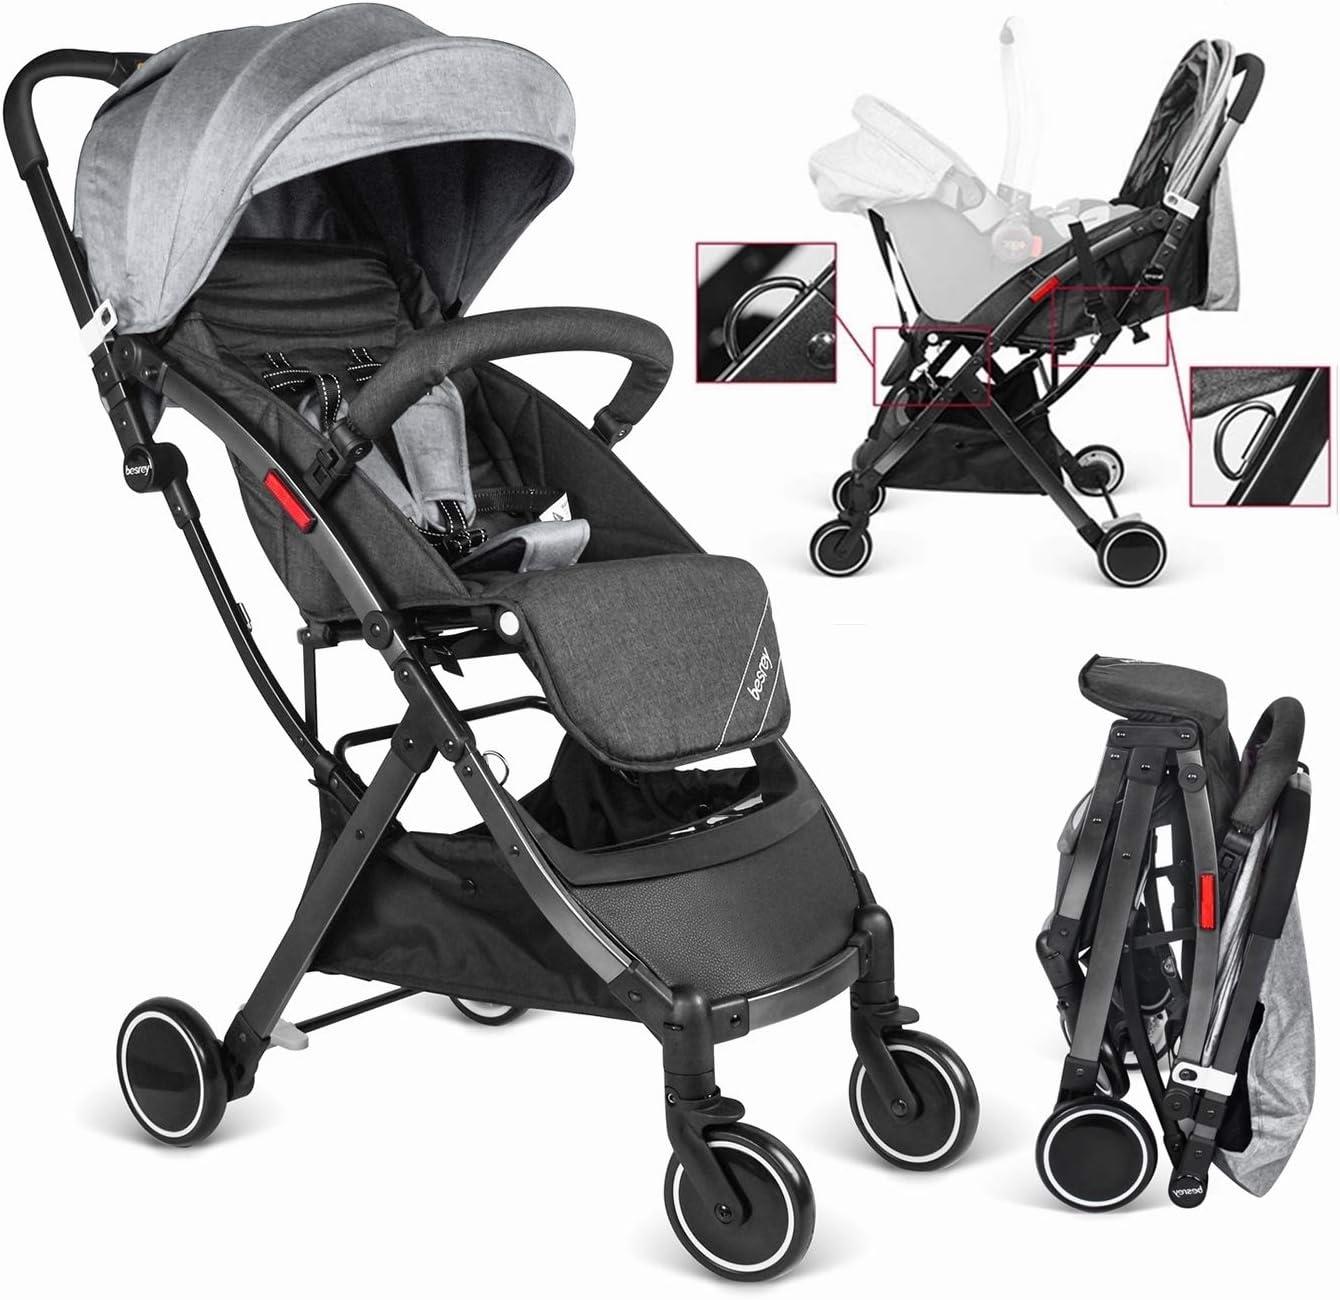 Besrey Silla de paseo Ligera bebe, carrito bebe ligero cochecito para viaje plegable carritos de bebe 3 años